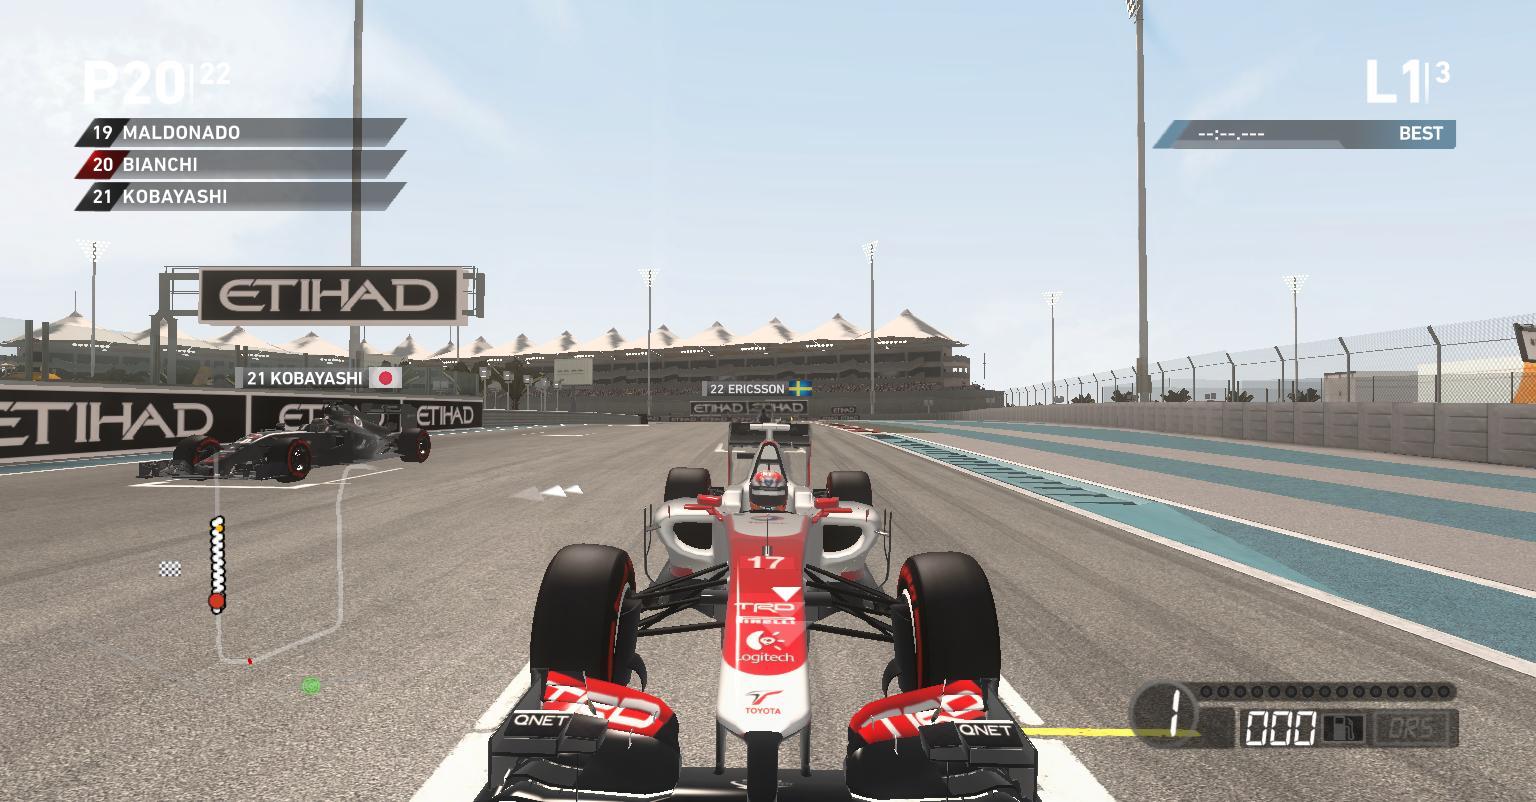 F1_2014 2014-11-05 08-00-26-42.jpg